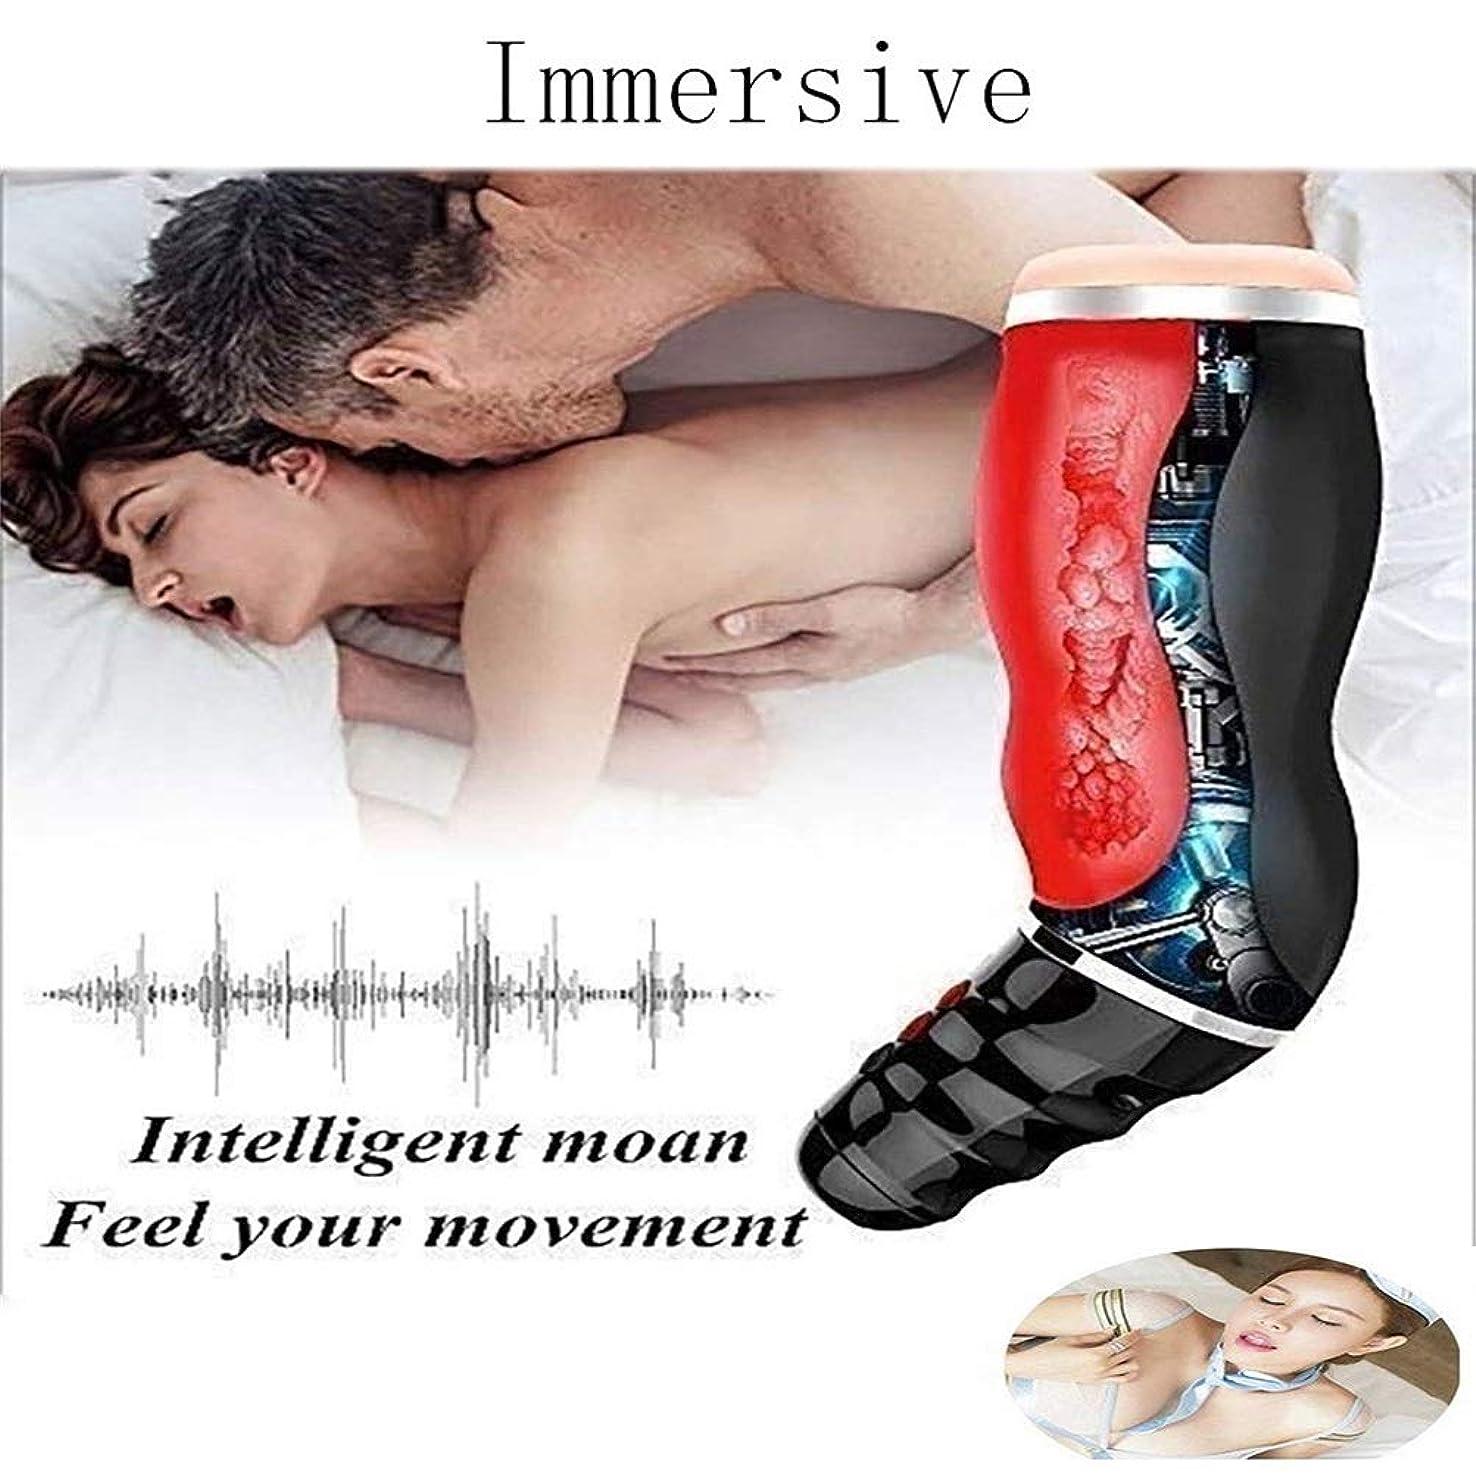 シャックル広告する事メンズTシャツSimǚlatiònSilǐcōneVàgǐnalFront And RearAìrbǎgPénisSǘctiònCup 10 Frequency Vibration Voice Audio、FrictiónGrip USB Pleasure